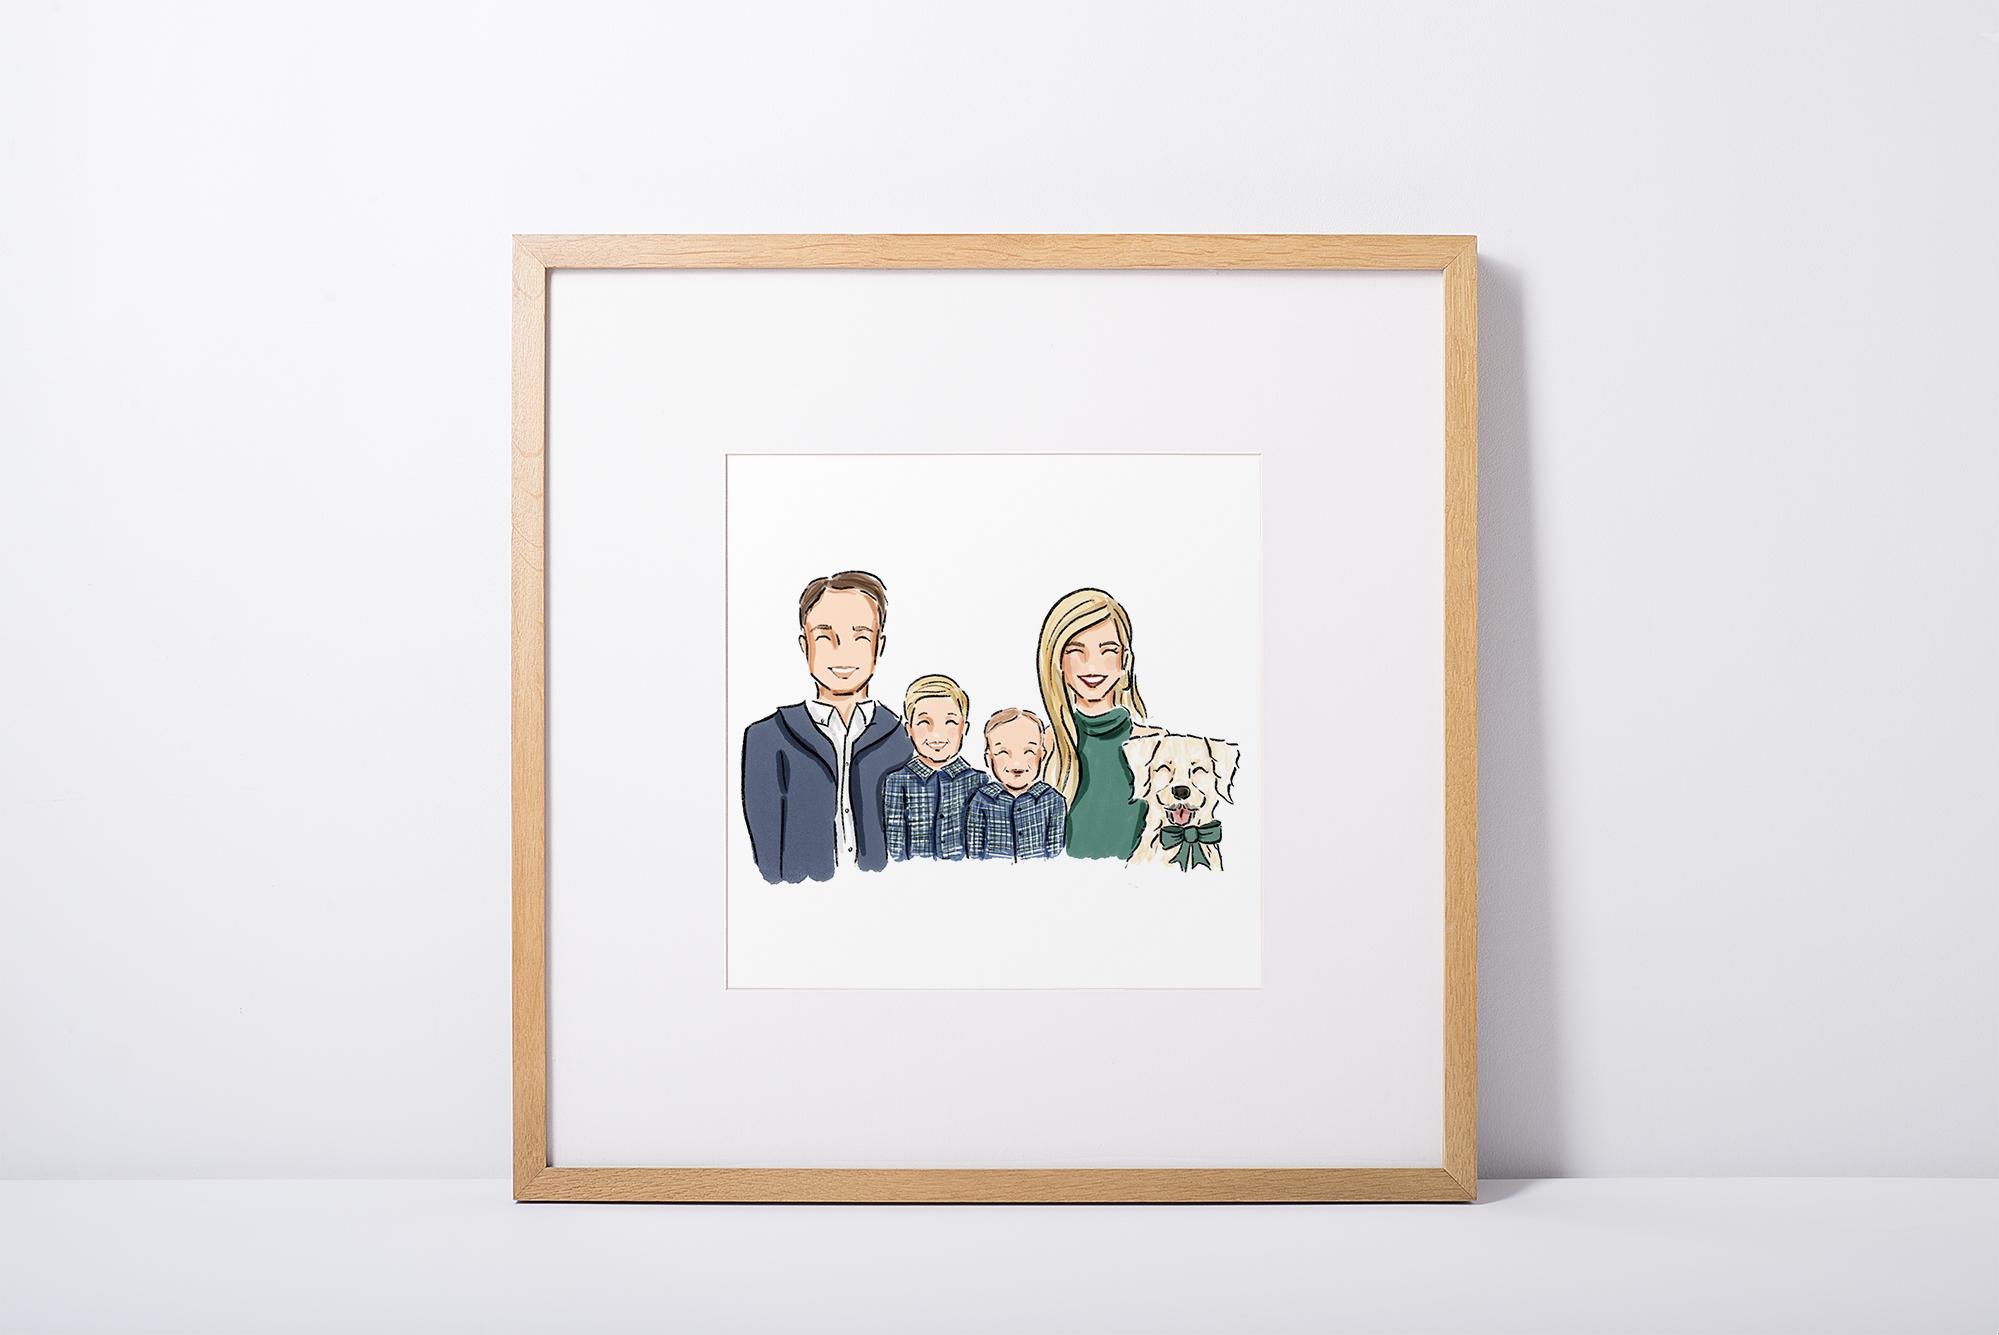 lauraleighbean-whimsical-illustration-framed.jpg